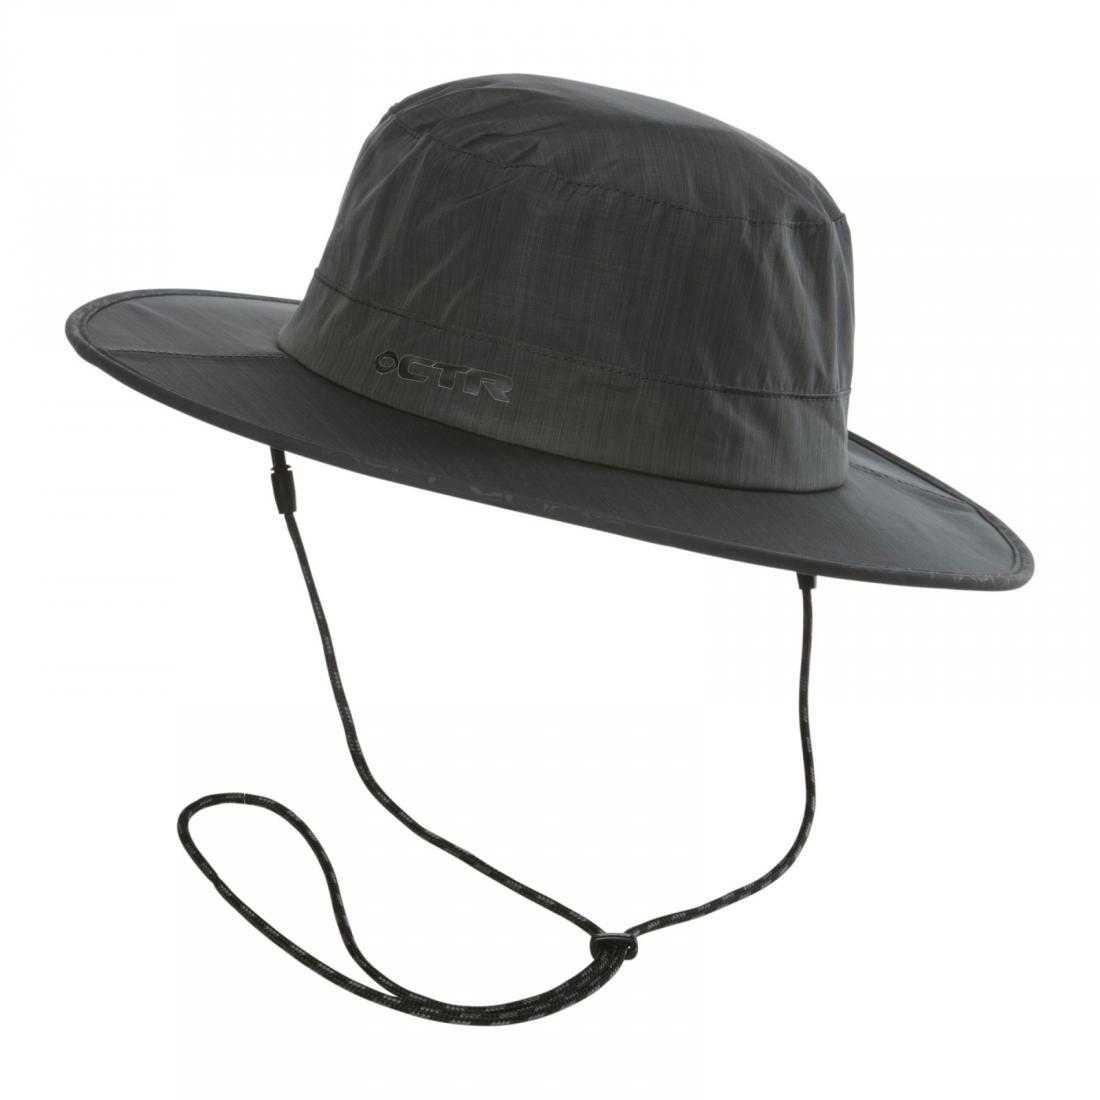 Панама Chaos  Stratus Boat HatПанамы<br><br> Удобная панама классической формы Stratus Boat Hat — это стильное решение для путешественников от фирмы Chaos. Она пригодится вам в любую погоду — и в дождь, и в солнечный день. Лаконичный дизайн позволяет носить эту модель как мужчинам, так и женщ...<br><br>Цвет: Темно-серый<br>Размер: S-M